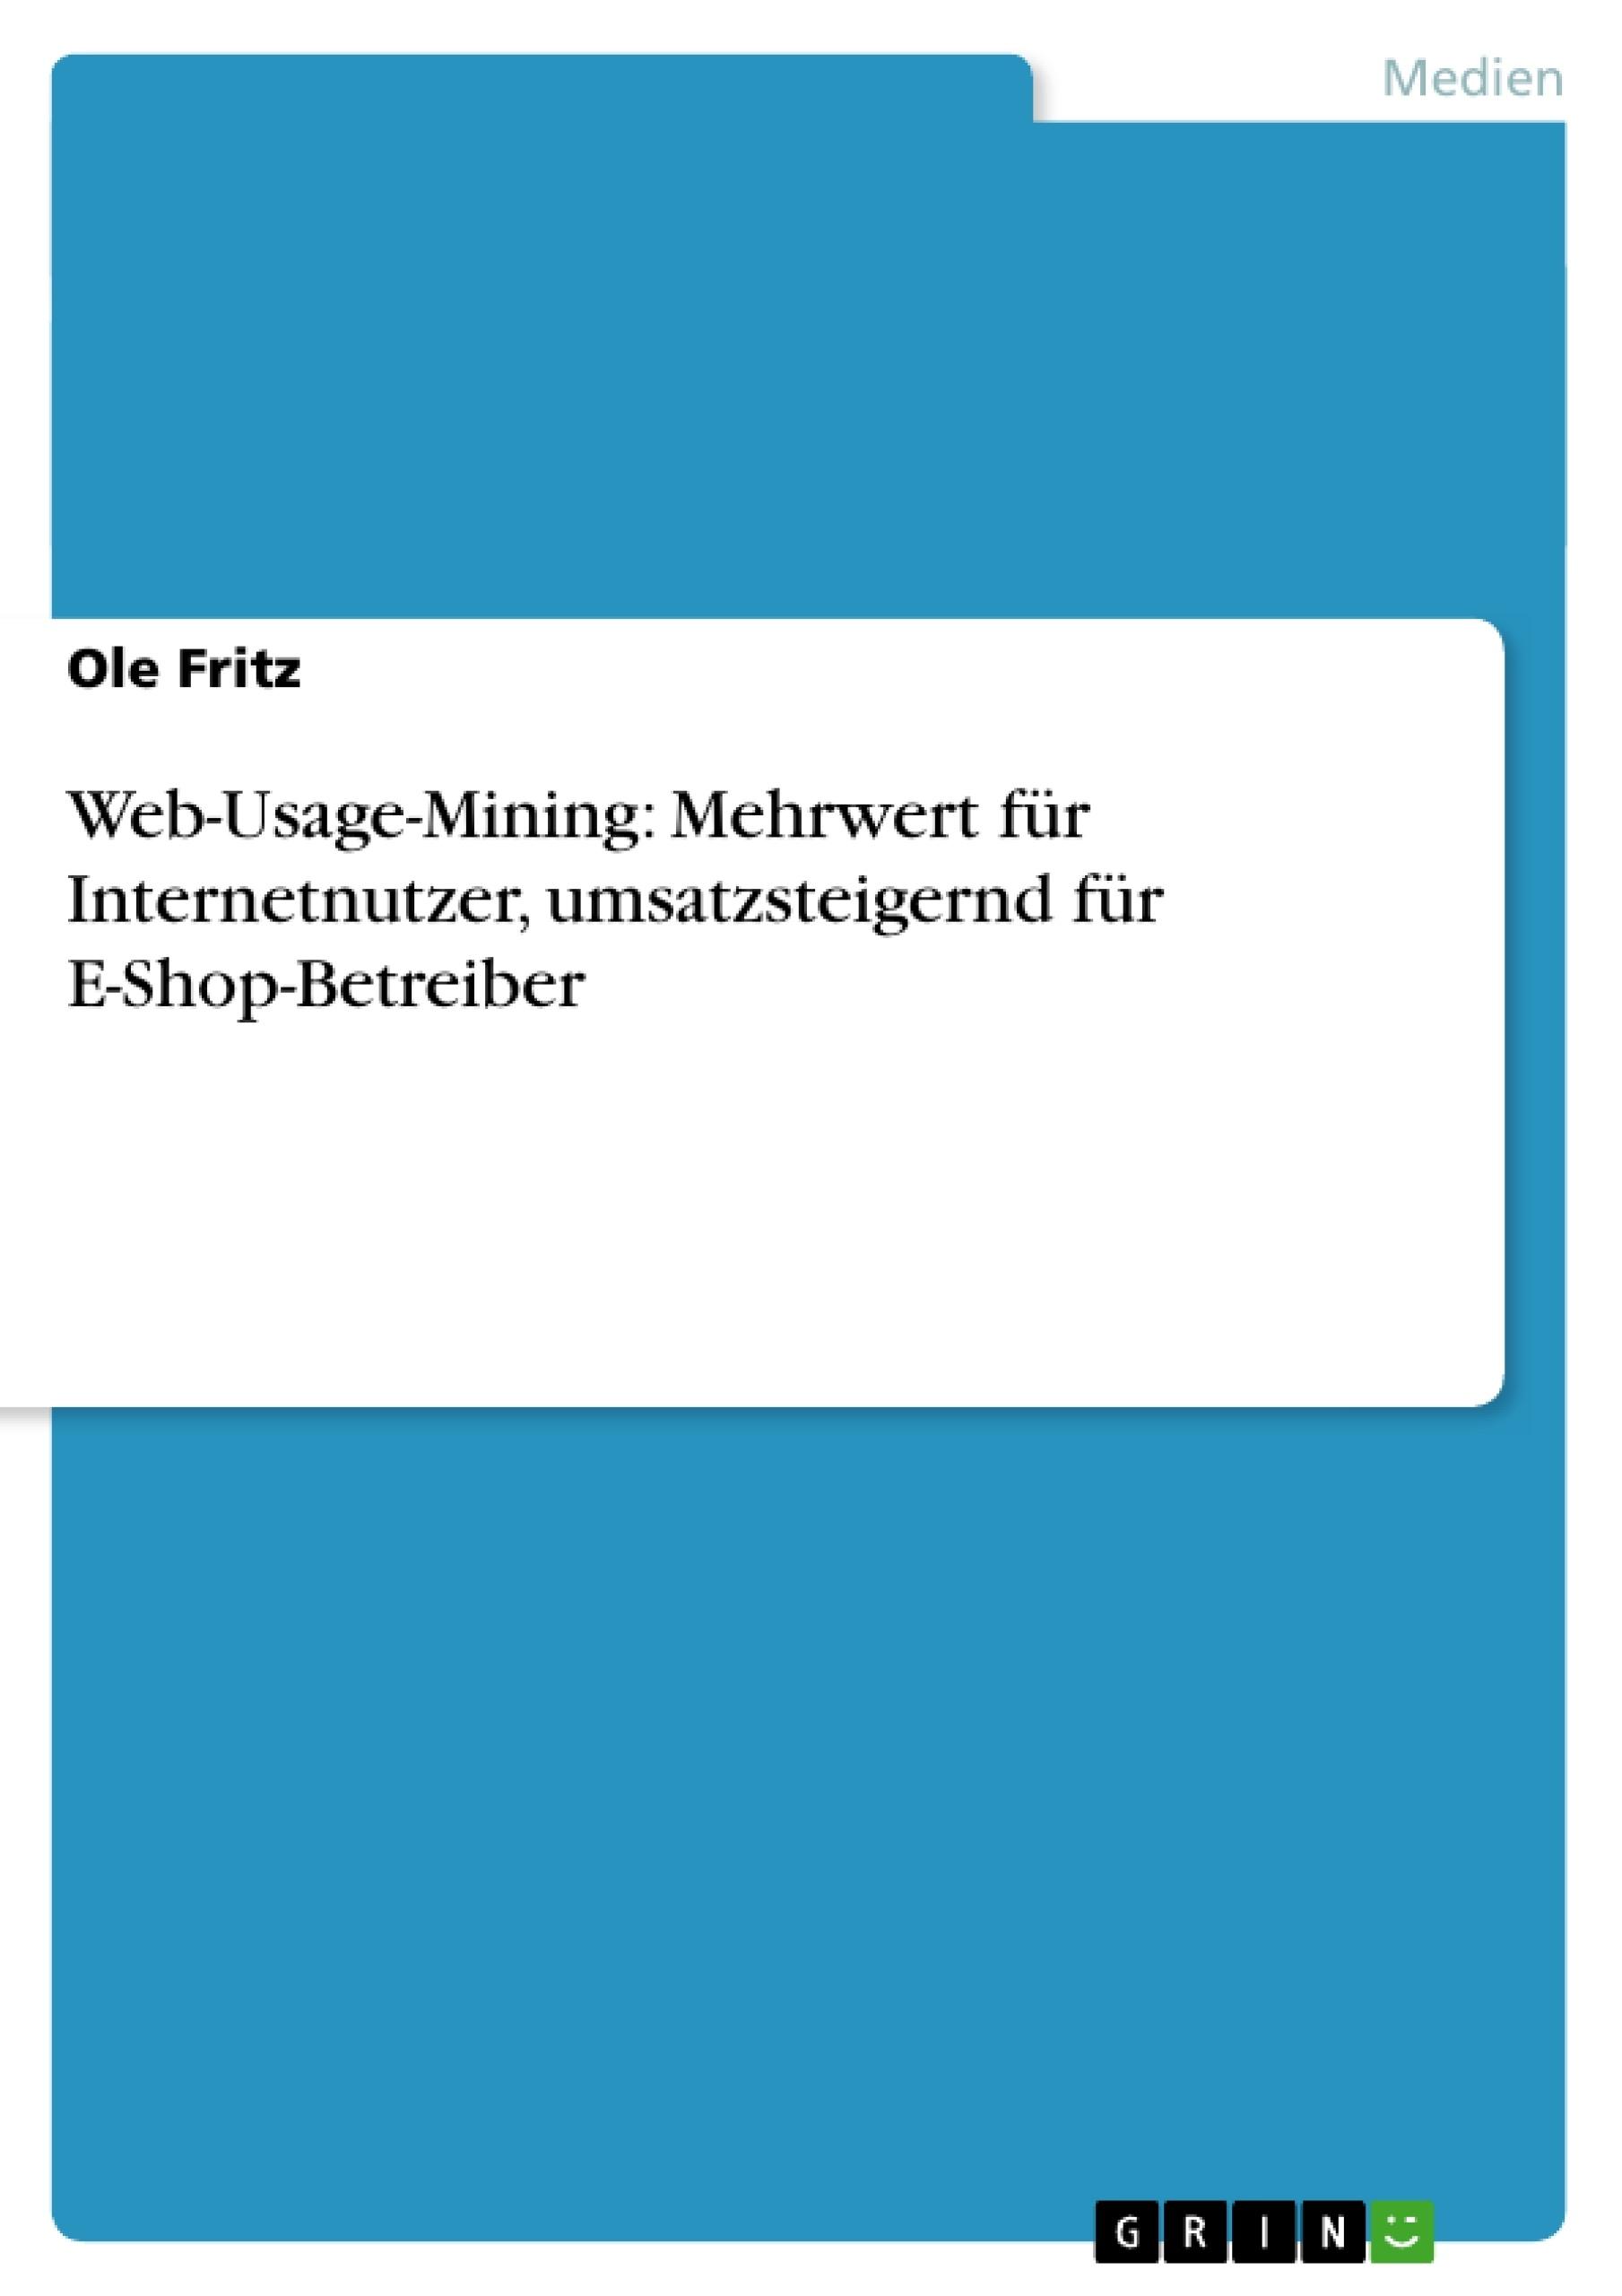 Titel: Web-Usage-Mining: Mehrwert für Internetnutzer, umsatzsteigernd für E-Shop-Betreiber